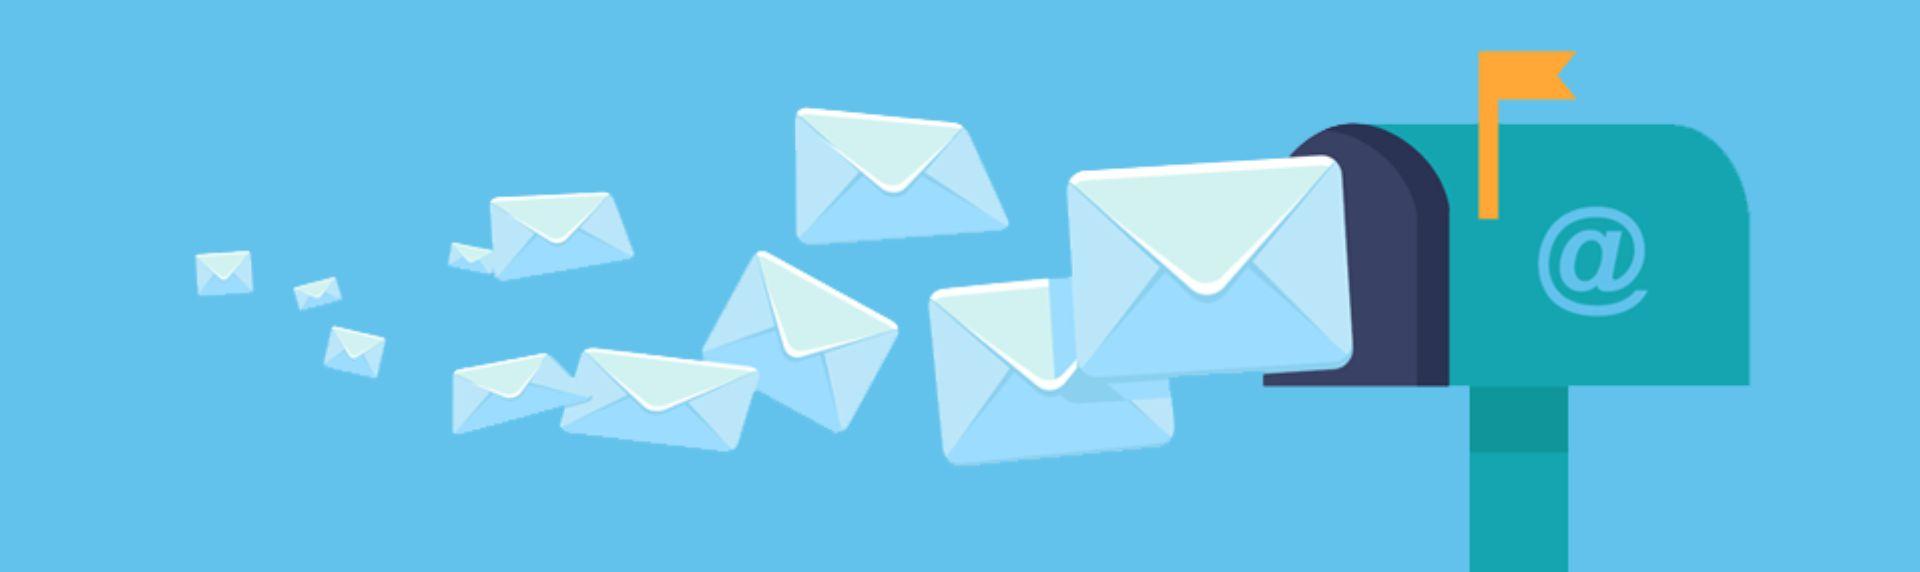 Envoi sms : comment procéder pour les besoins professionnels ?